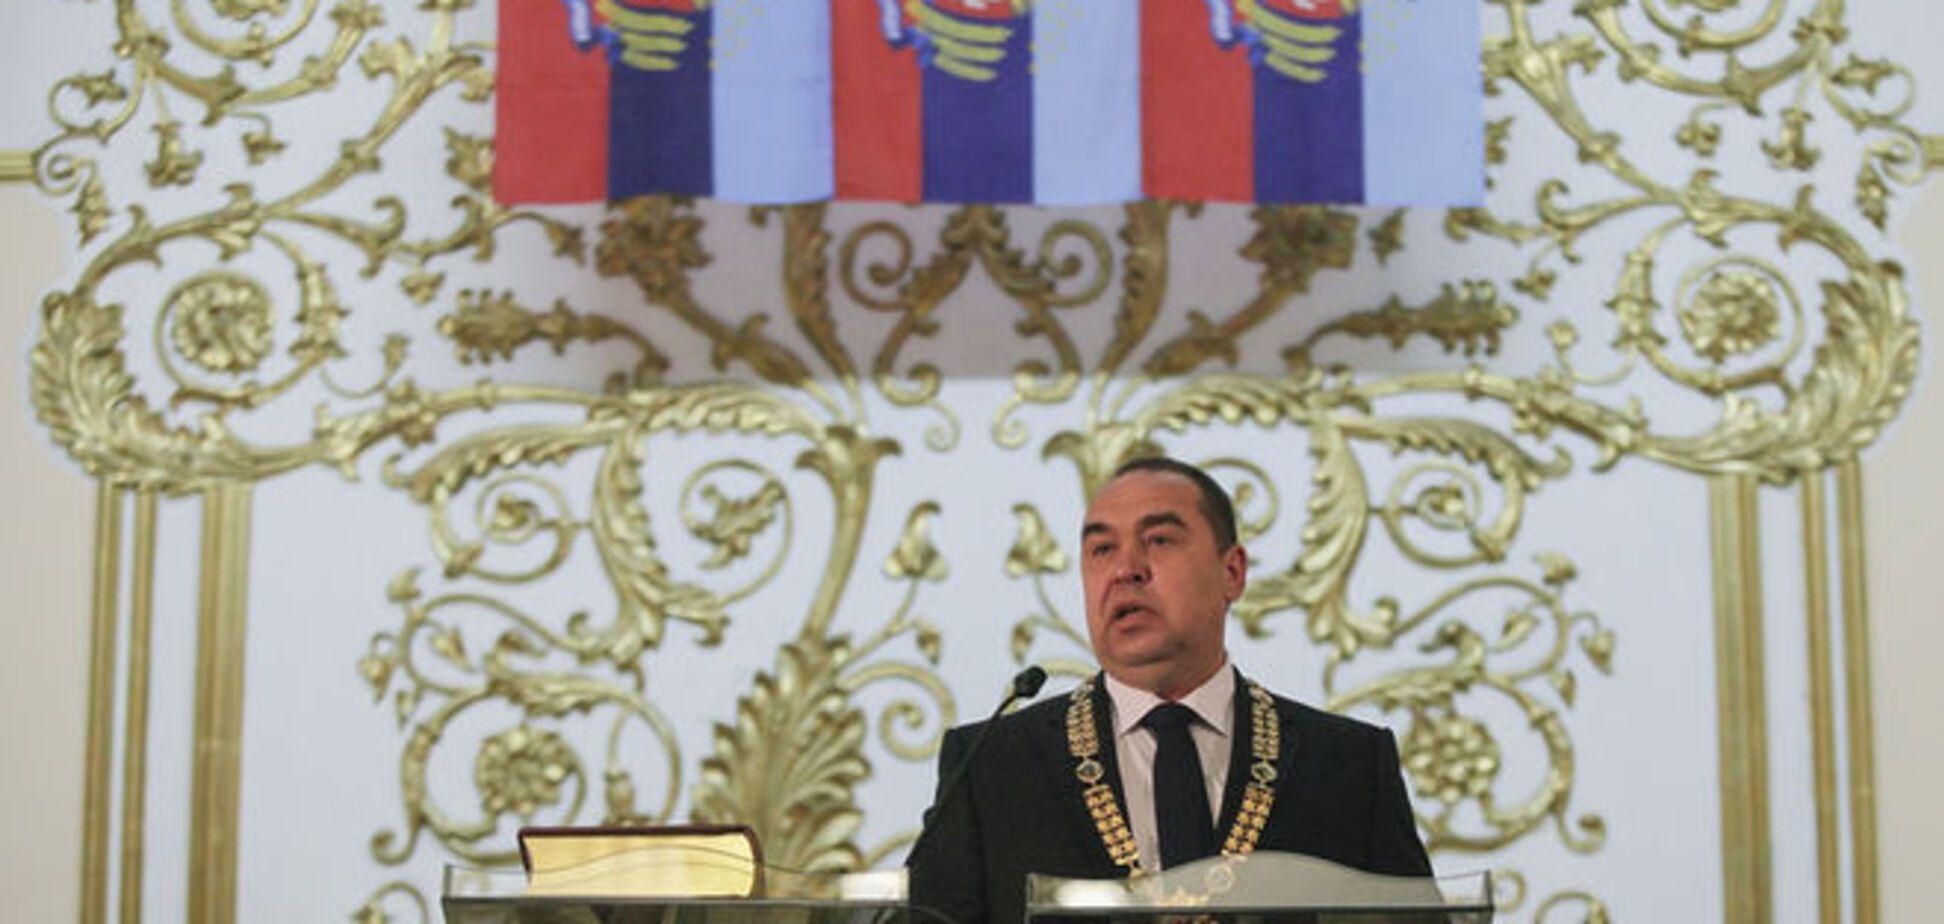 Три валюты и двойные ценники: главарь 'ЛНР' решил поиграть в экономиста